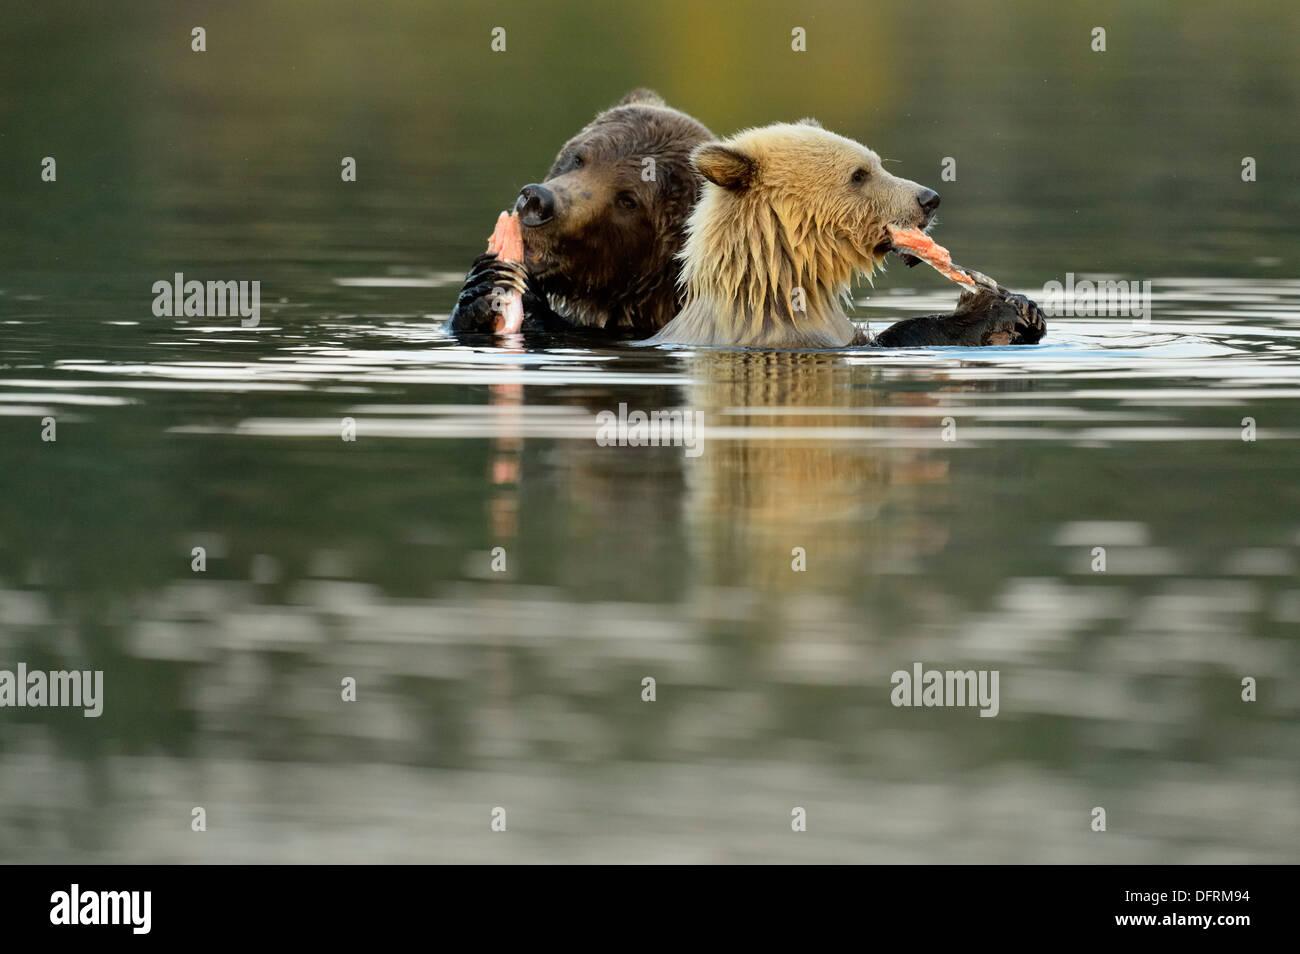 Oso Grizzly Ursus arctos primer año cub blanco y marrón madre alimentando el salmón salvaje interior Imagen De Stock